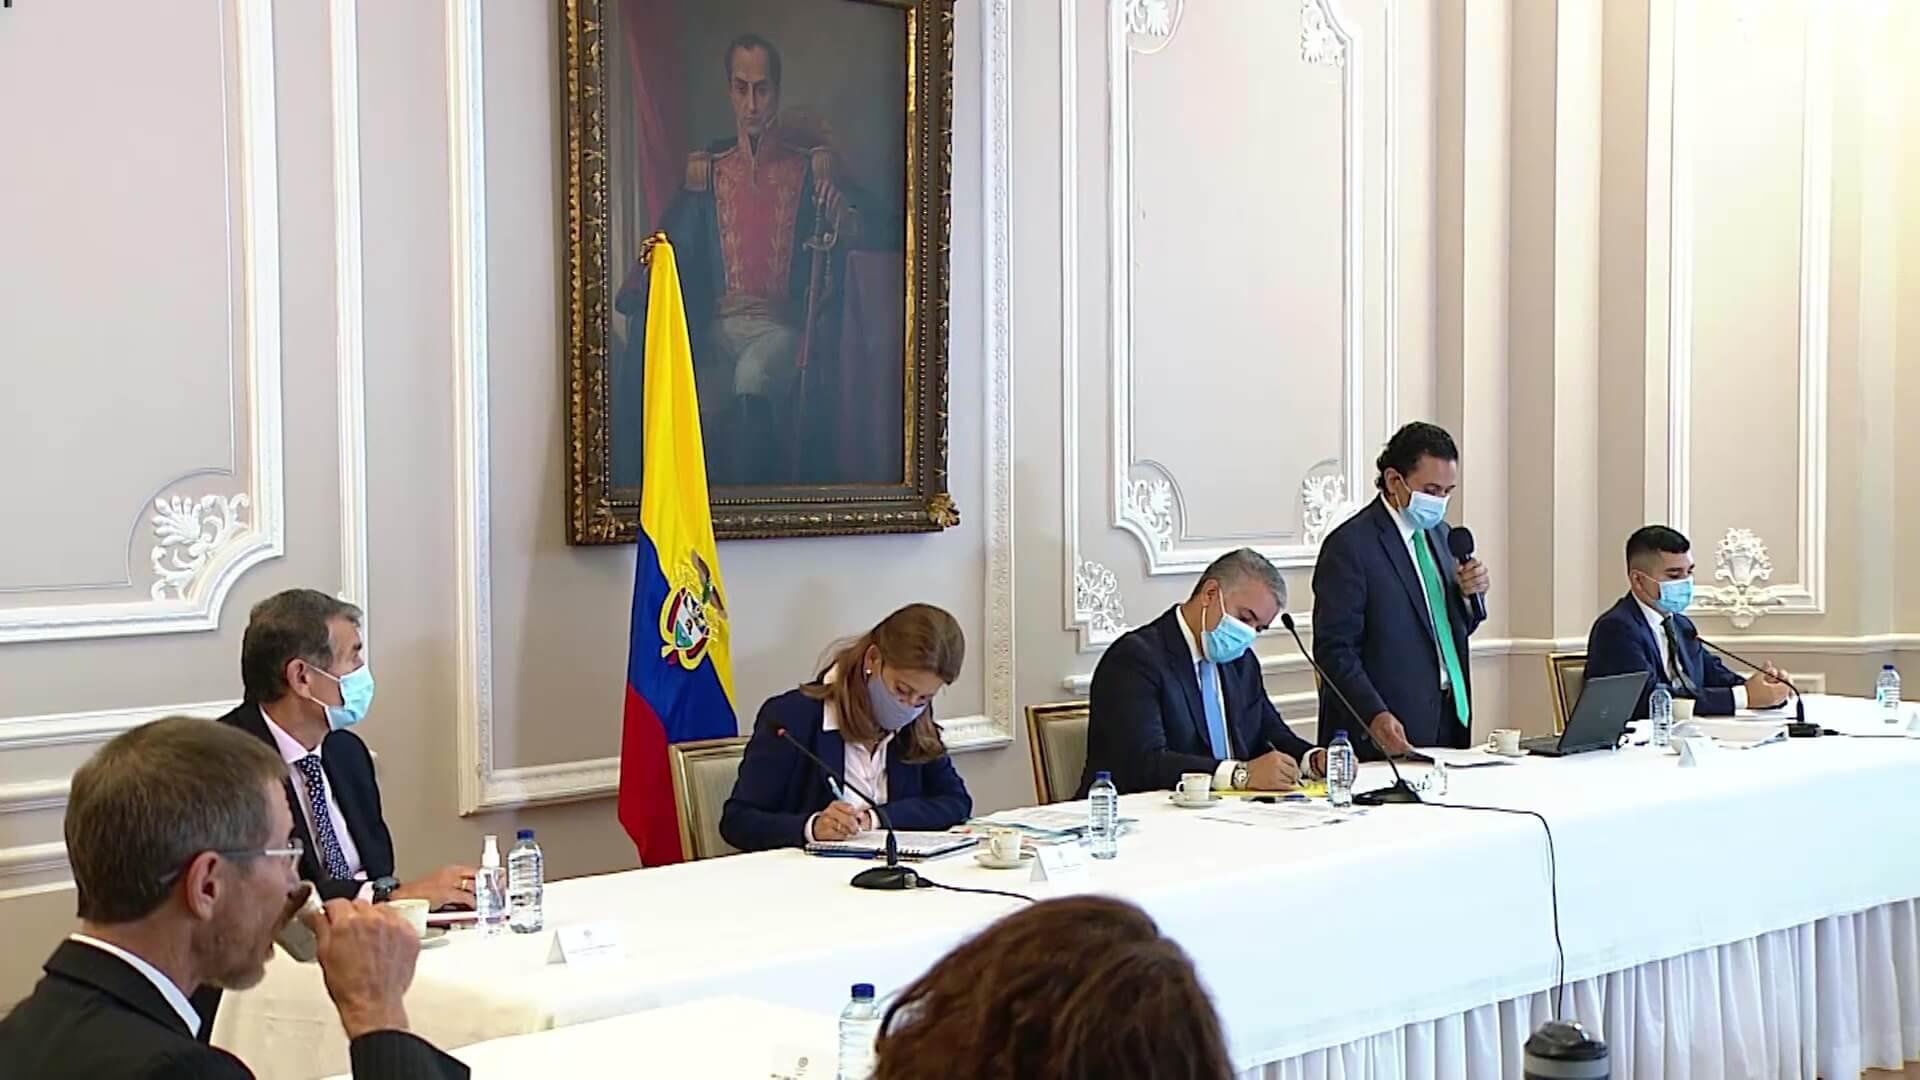 Comité del Paro espera respuesta presidencial sobre peticiones